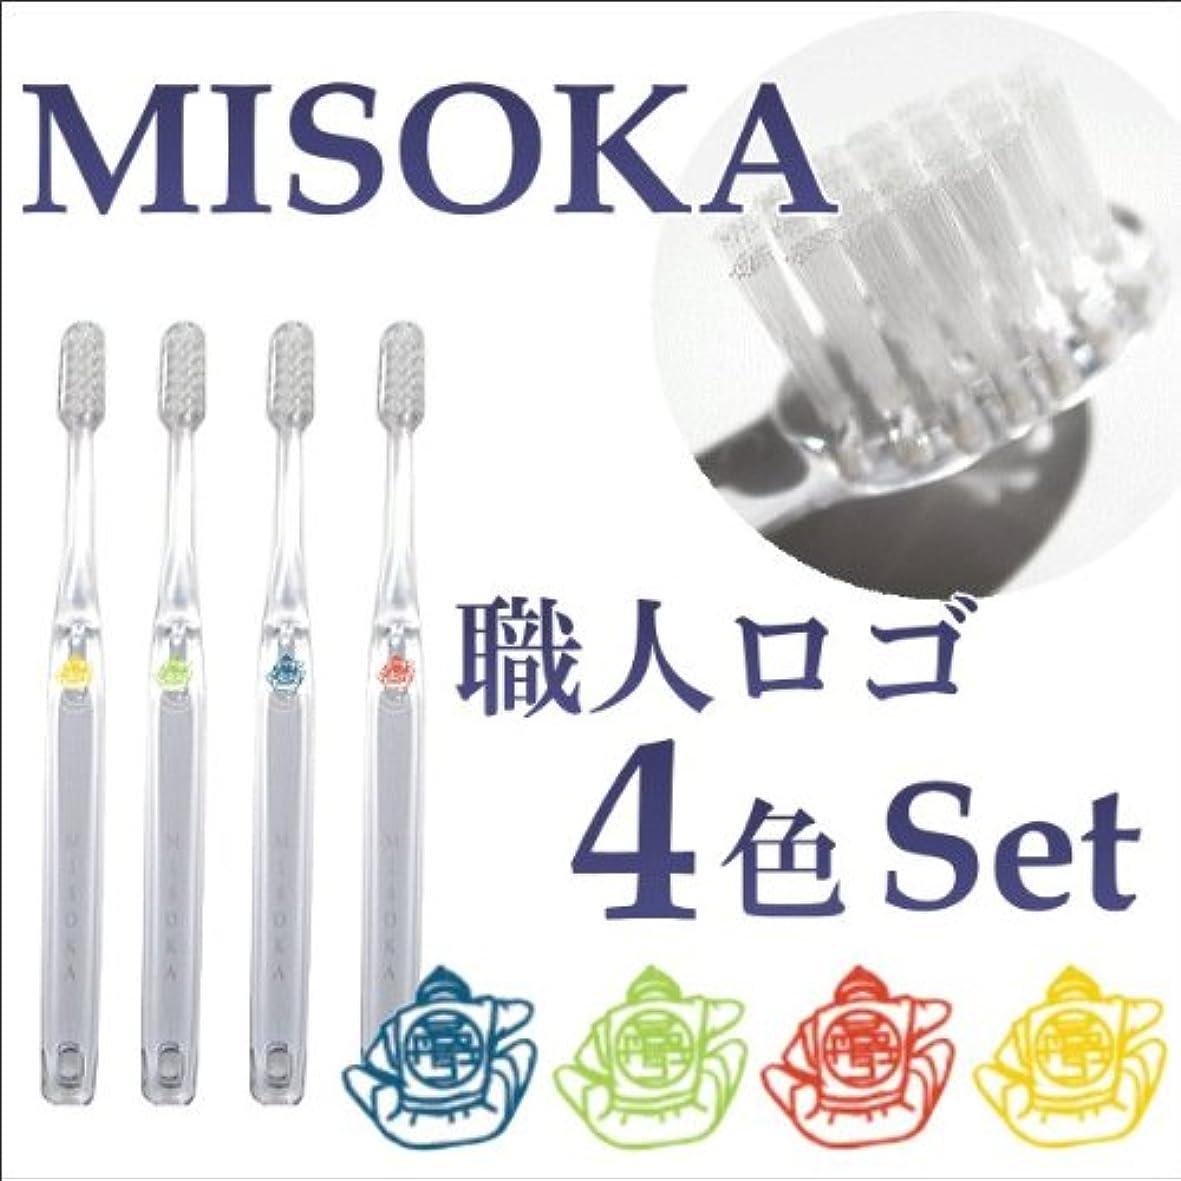 ランデブーしかし海港「MISOKA」職人技の歯ブラシ ミソカ 職人ロゴ4色セット×2セット